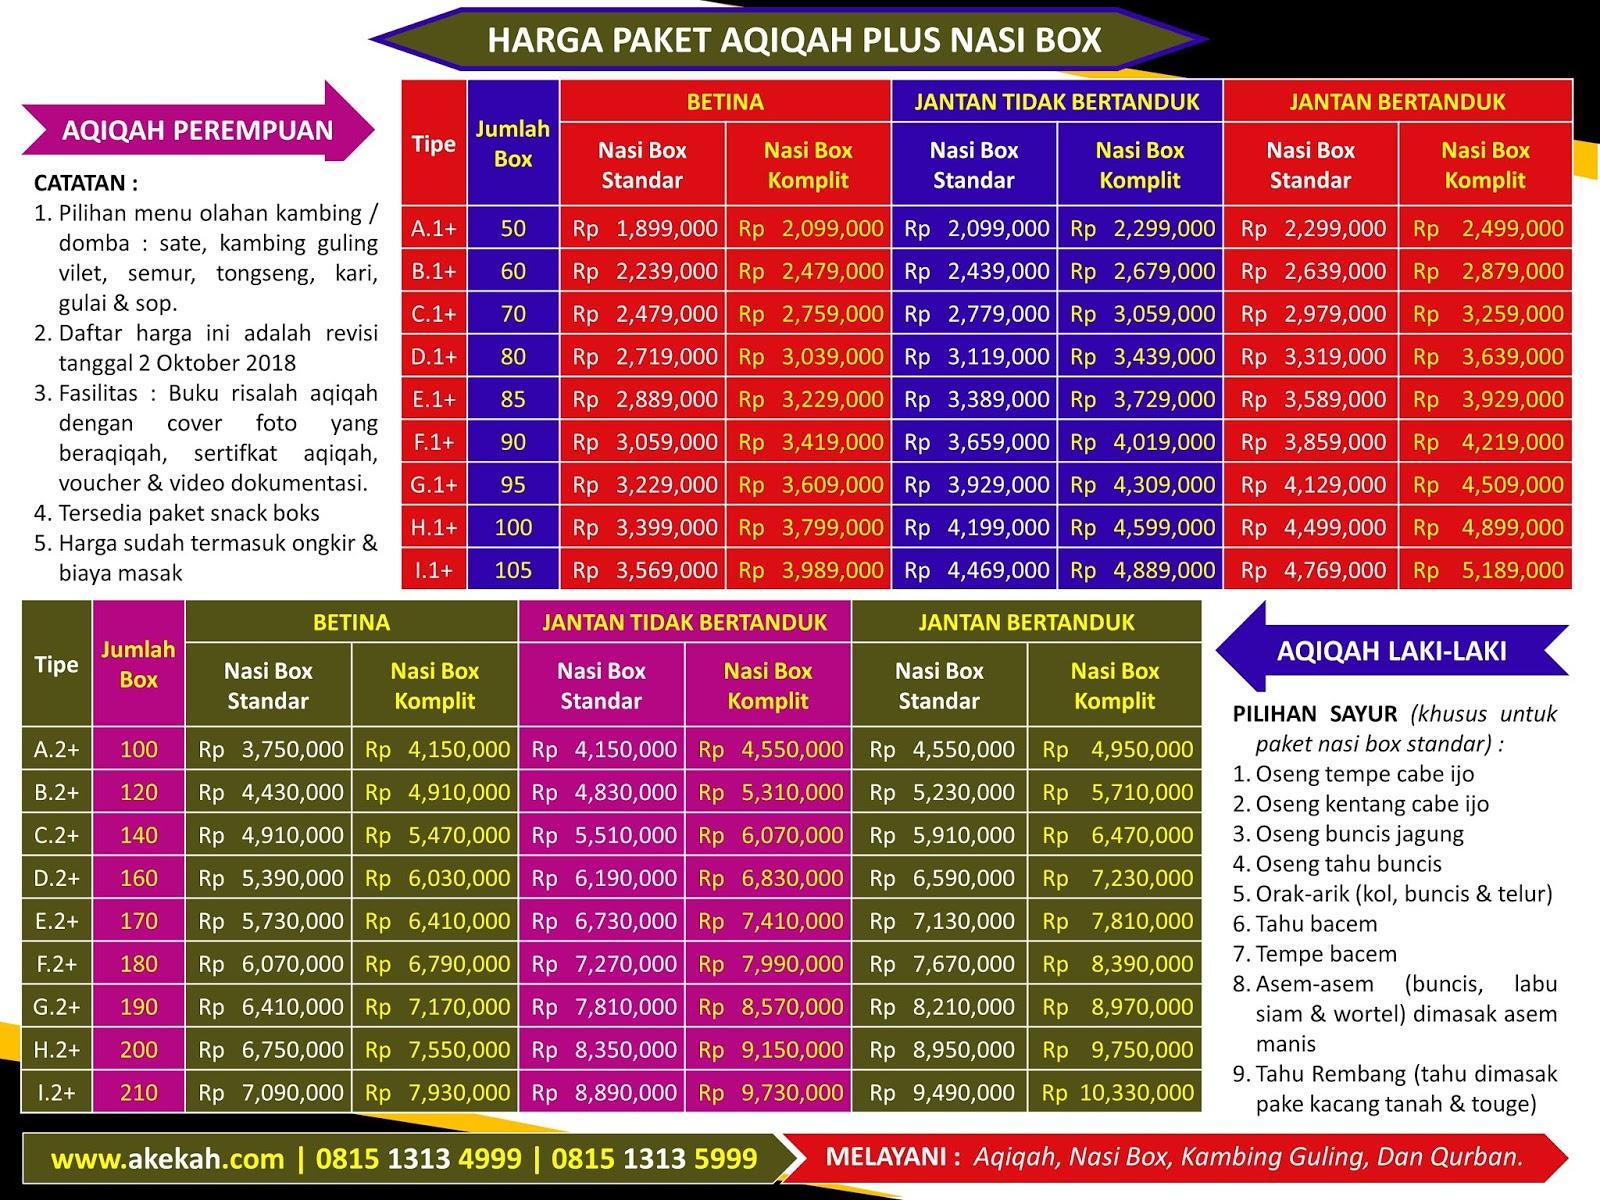 Harga Paket Aqiqah Yang Murah Untuk Anak Laki-Laki Wilayah Kabupaten Bogor